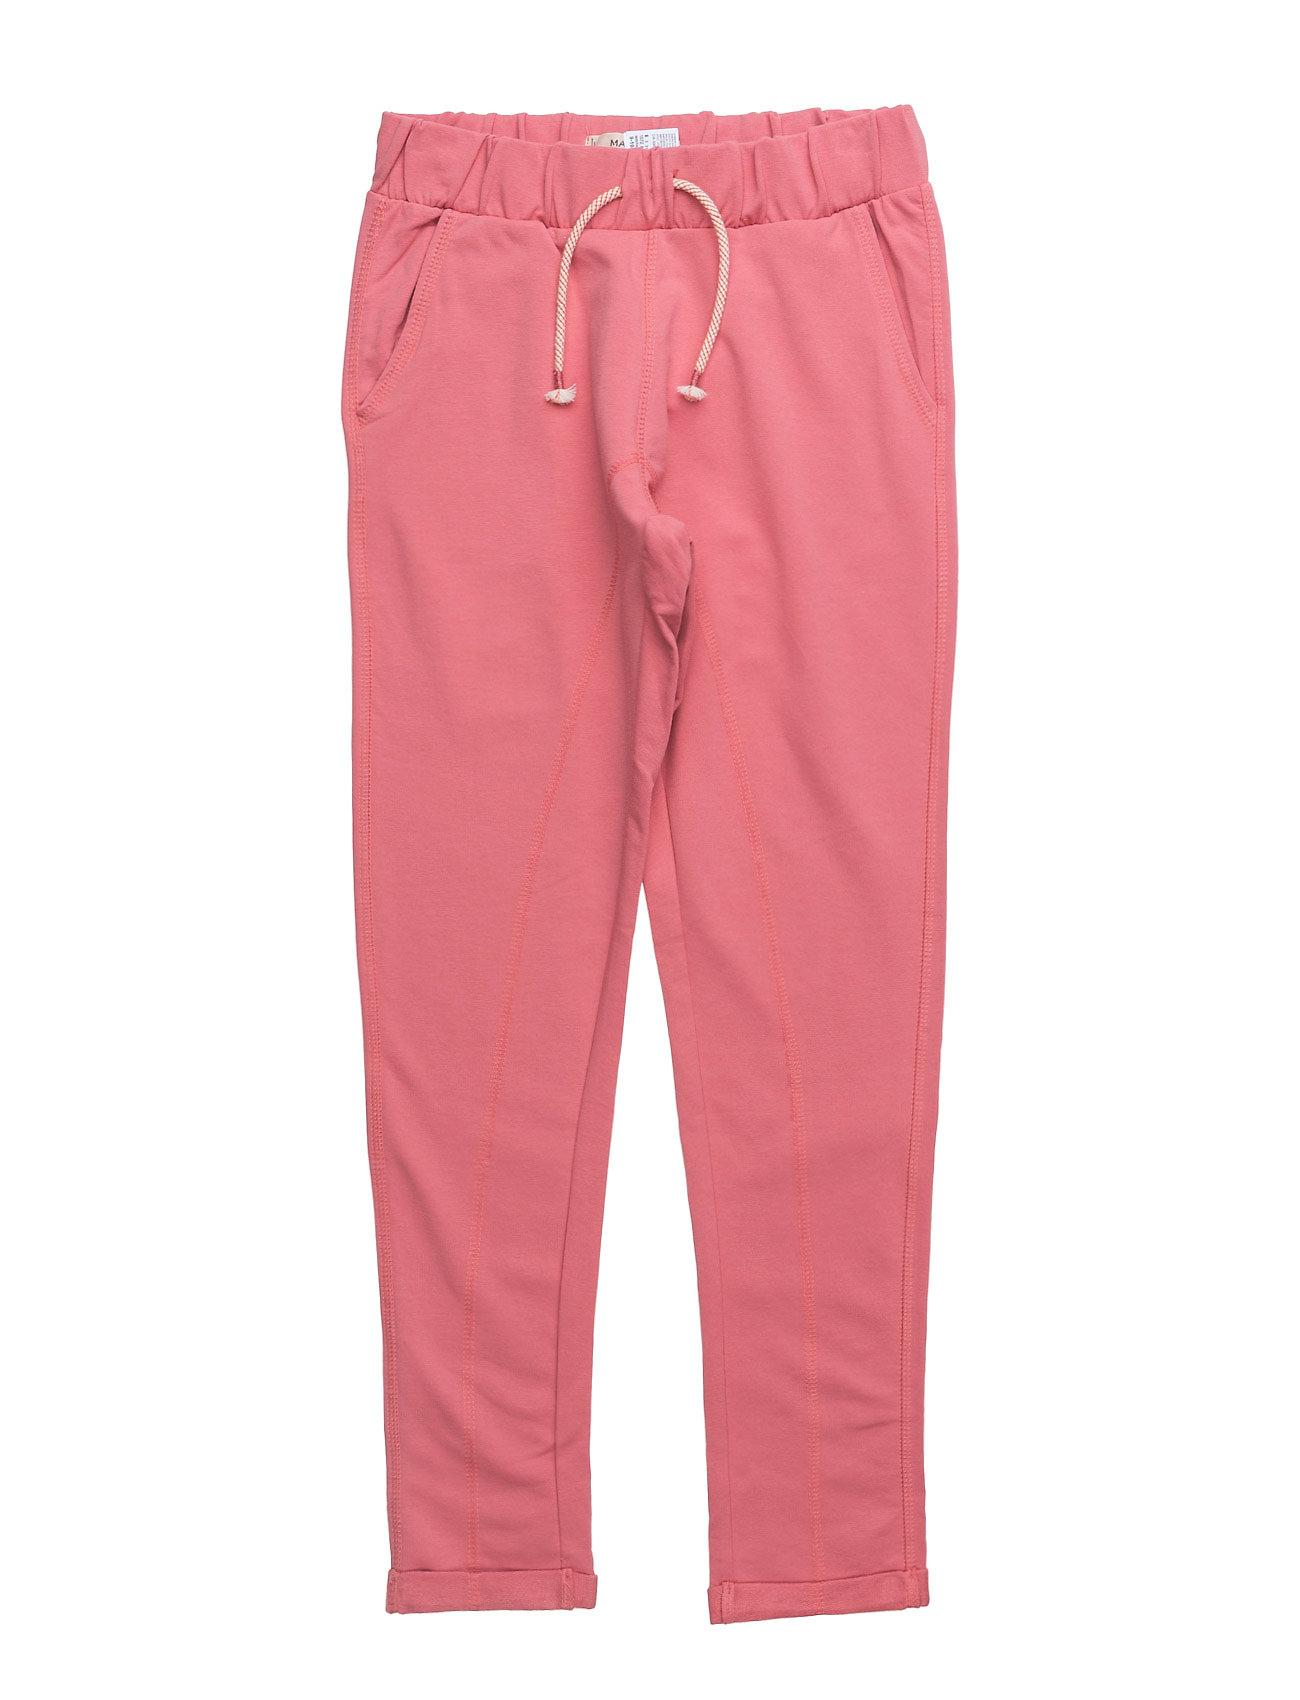 Cotton Jogging Trousers Mango Kids  til Børn i Medium Pink